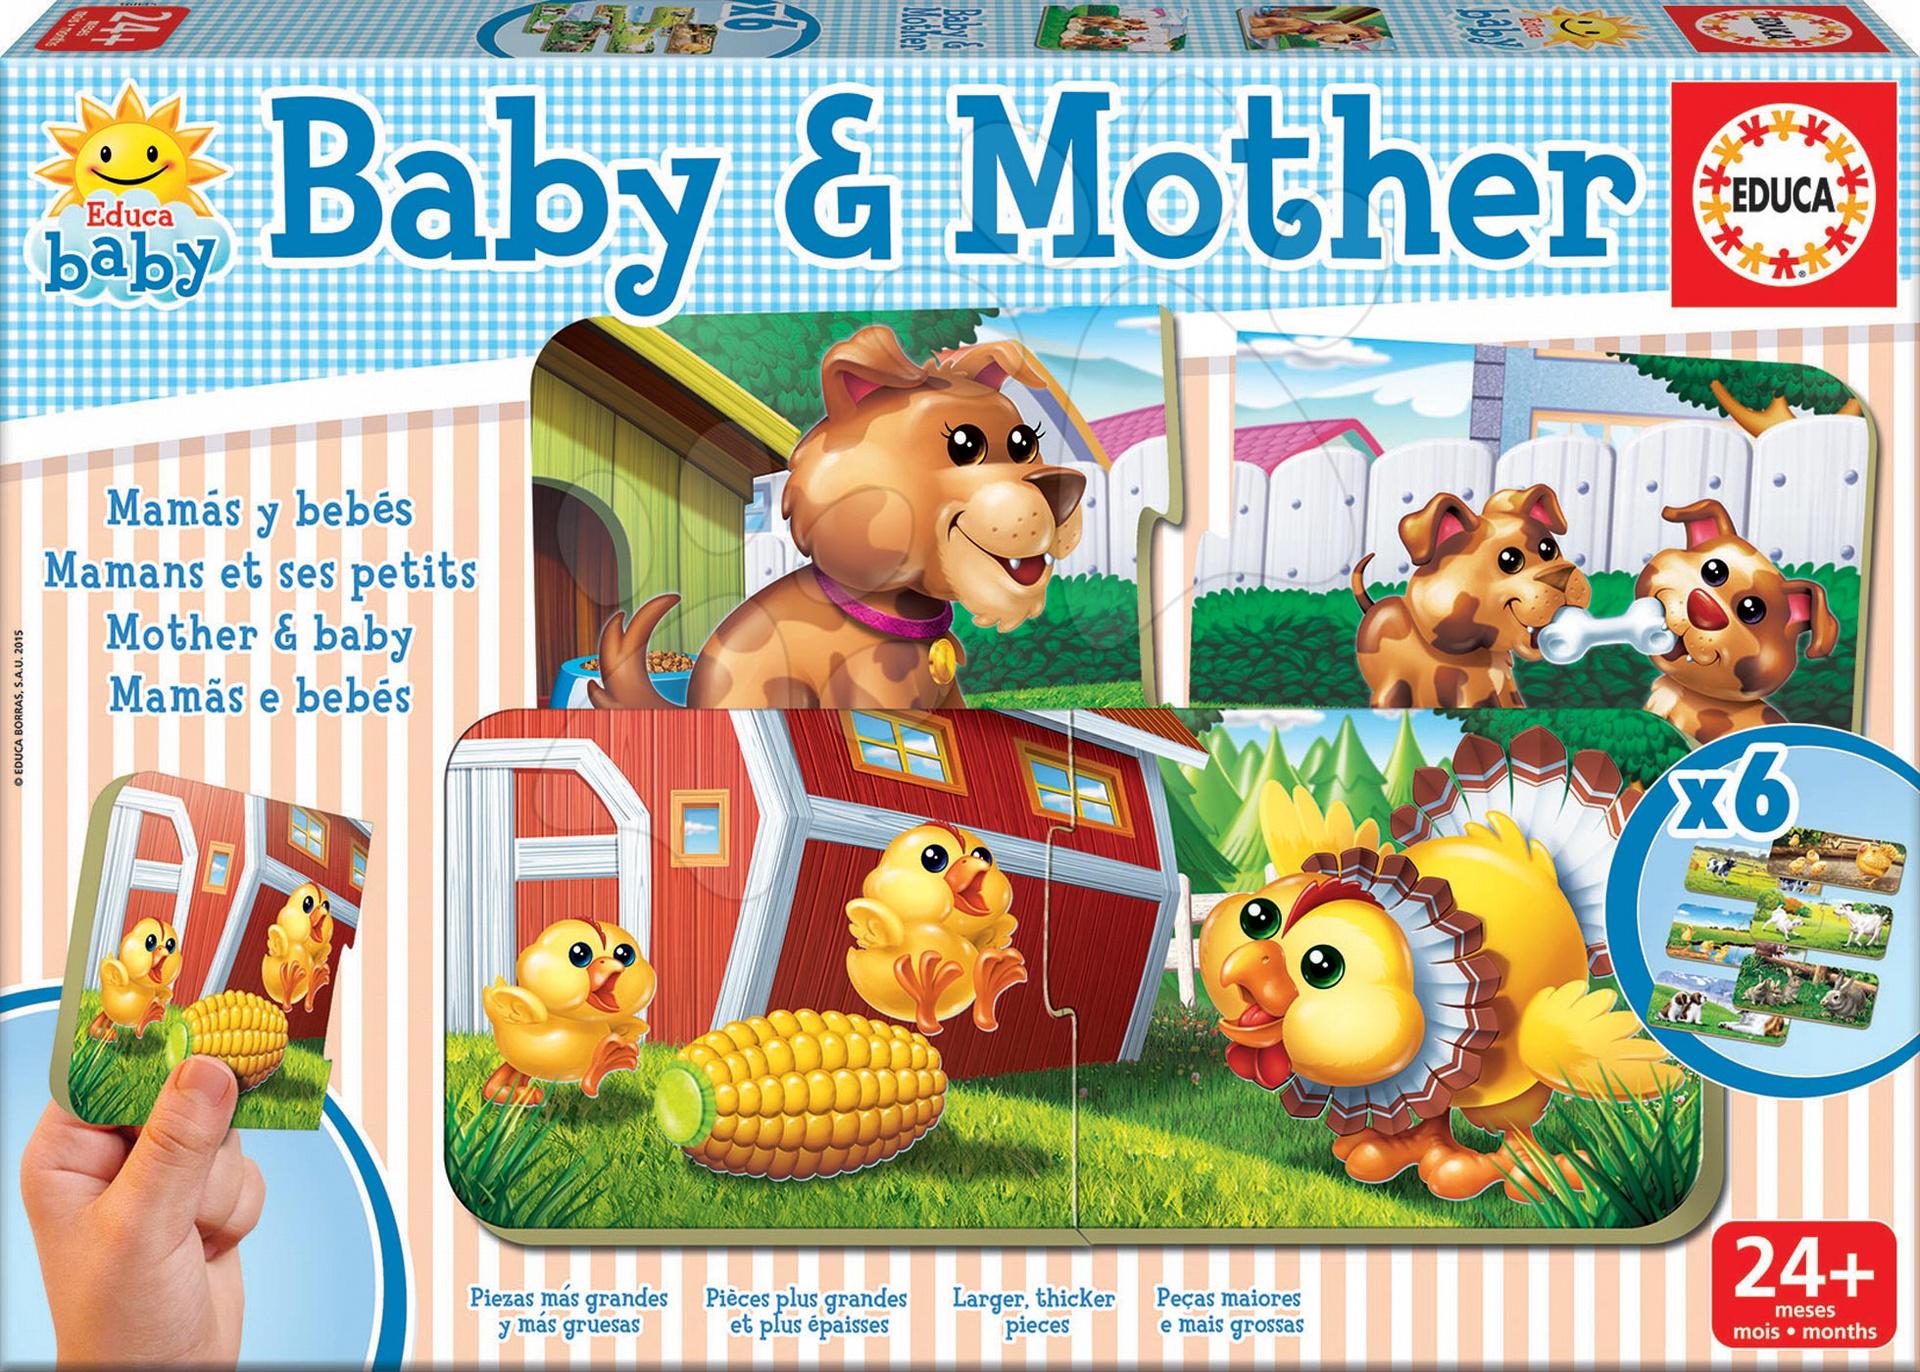 Puzzle Baby & Mother - Učíme se najít miminkům maminku Educa 6x2 dílky 6obrázkové od 24 měsíců